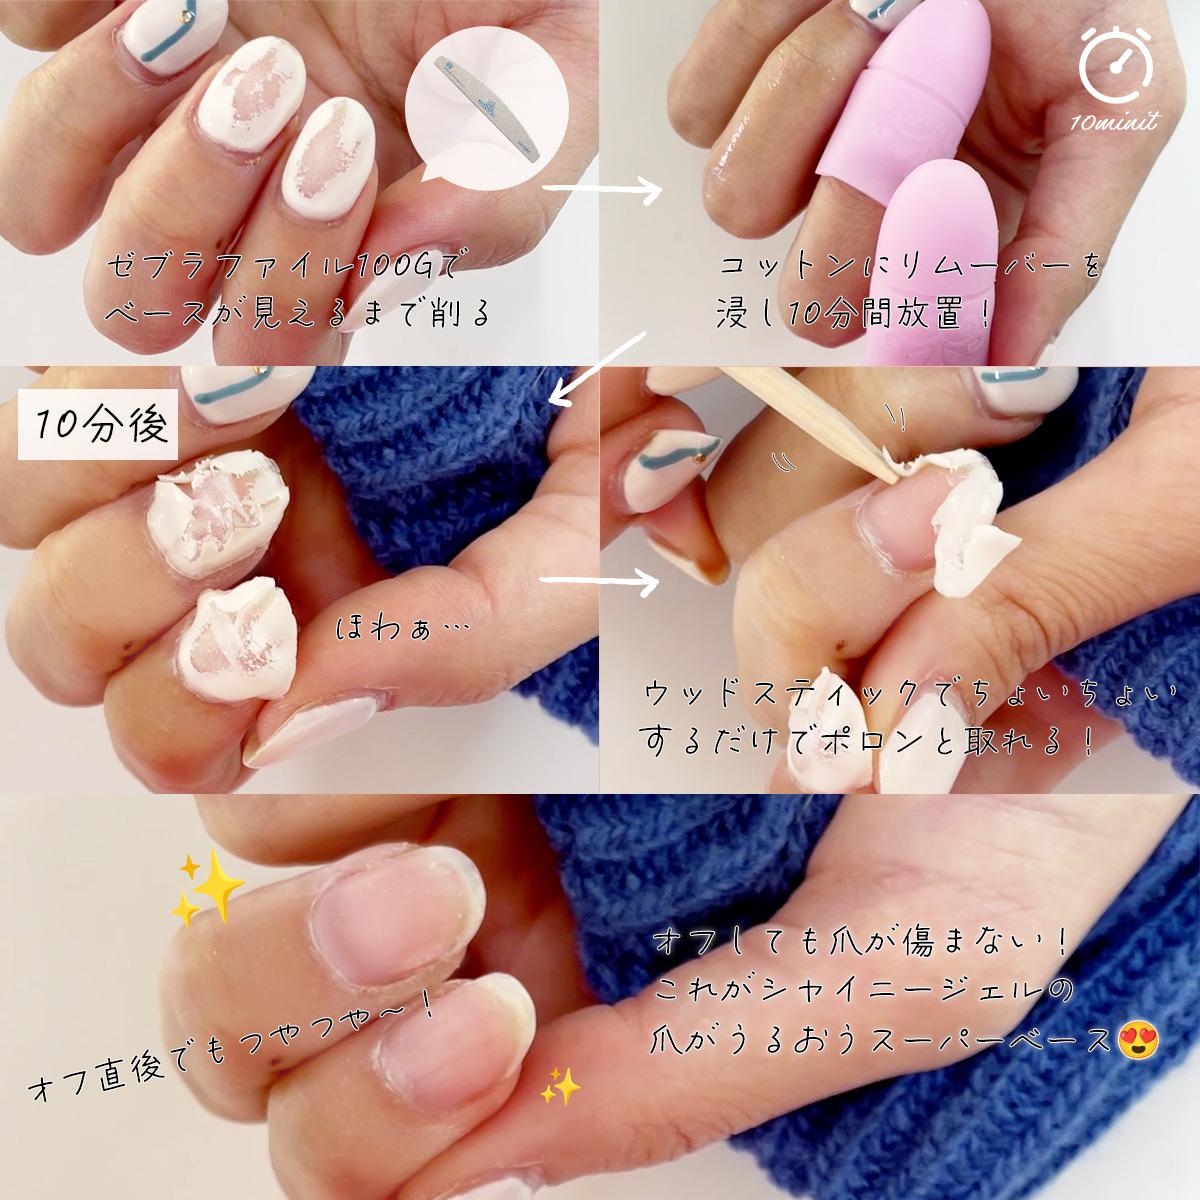 ◎【レビューを書いてプレゼントGET】≪クレッシェンドHYBRID充電式 36W限定セット≫SHINYGEL(シャイニージェル):ジェルネイルキット(クレッシェンドハイブリッド36Wコードレス充電式 LEDランプ付)UV/LED両方硬化OK $